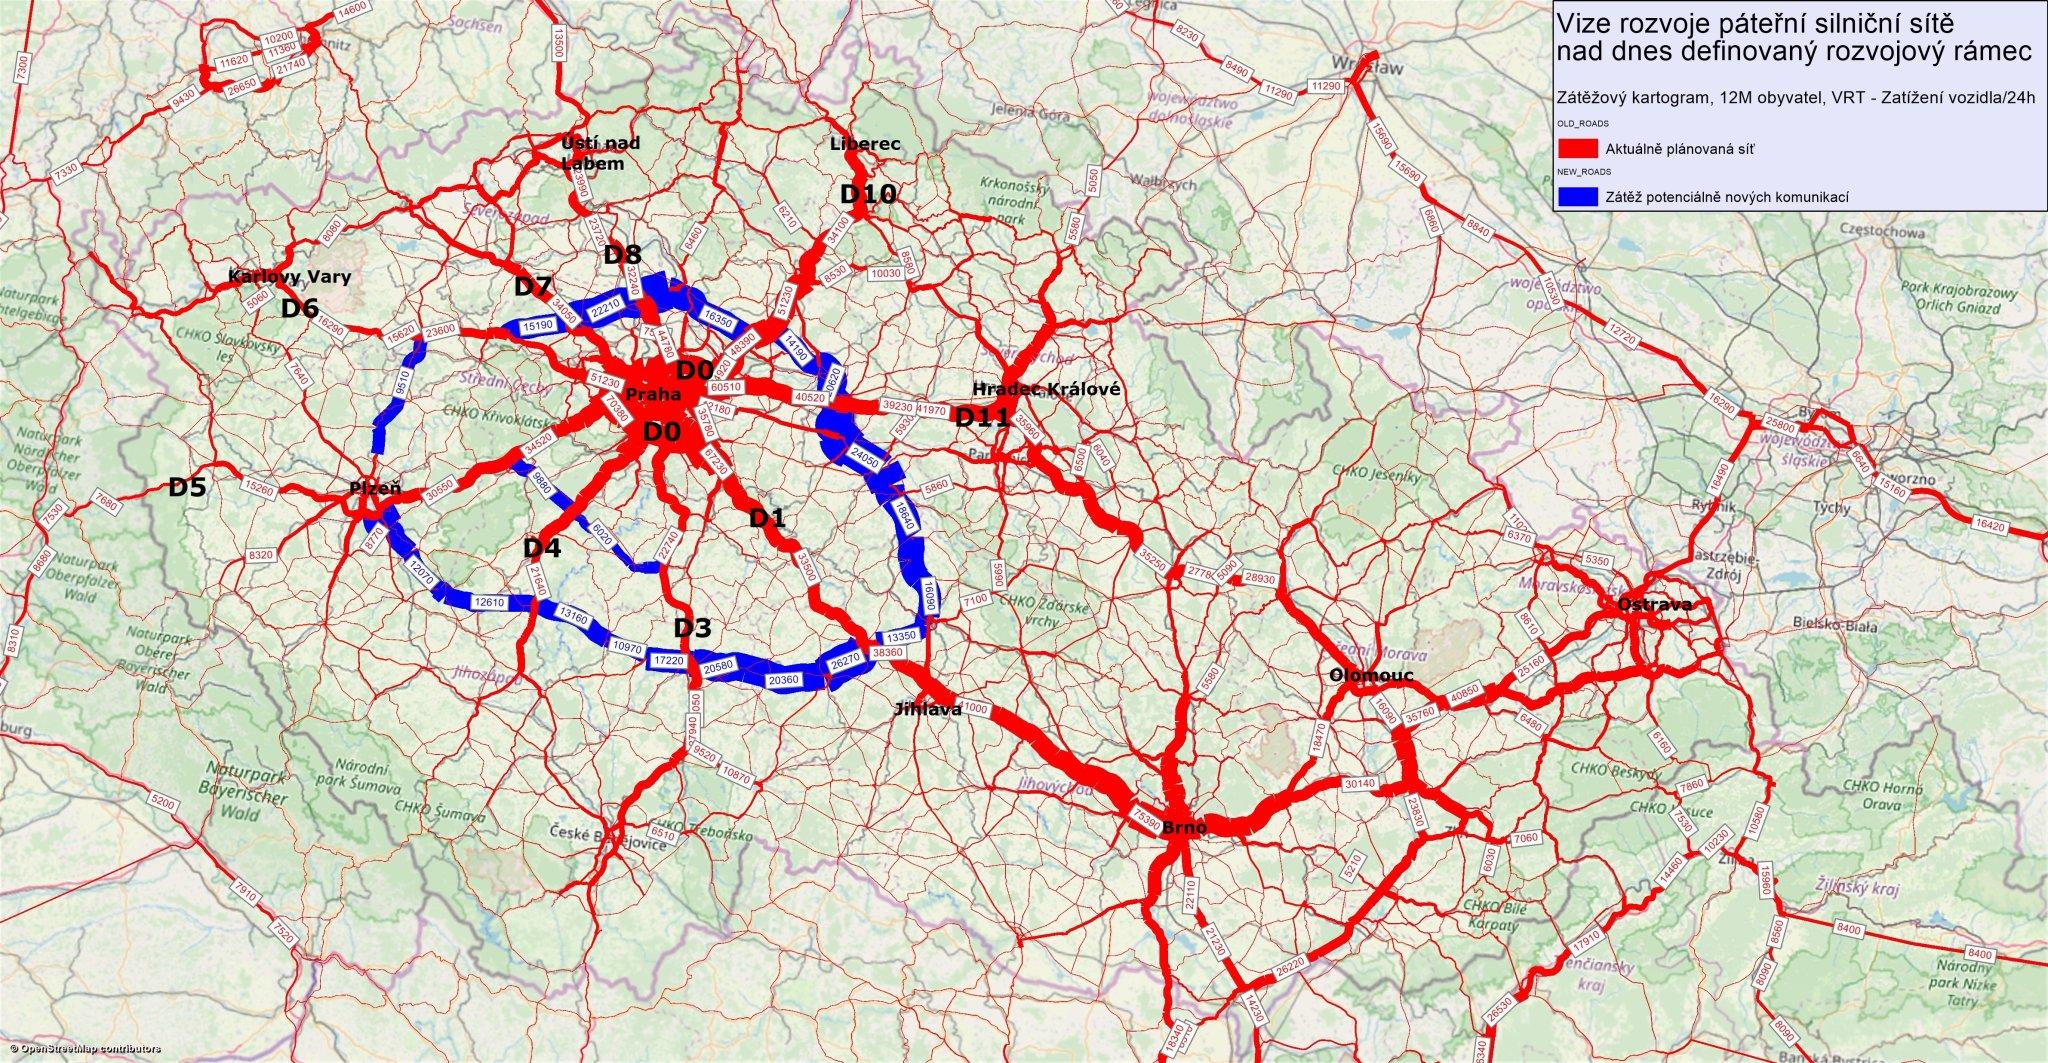 Vize rozvoje páteřní silniční sítě nad dnes definovaný rozvojový rámec